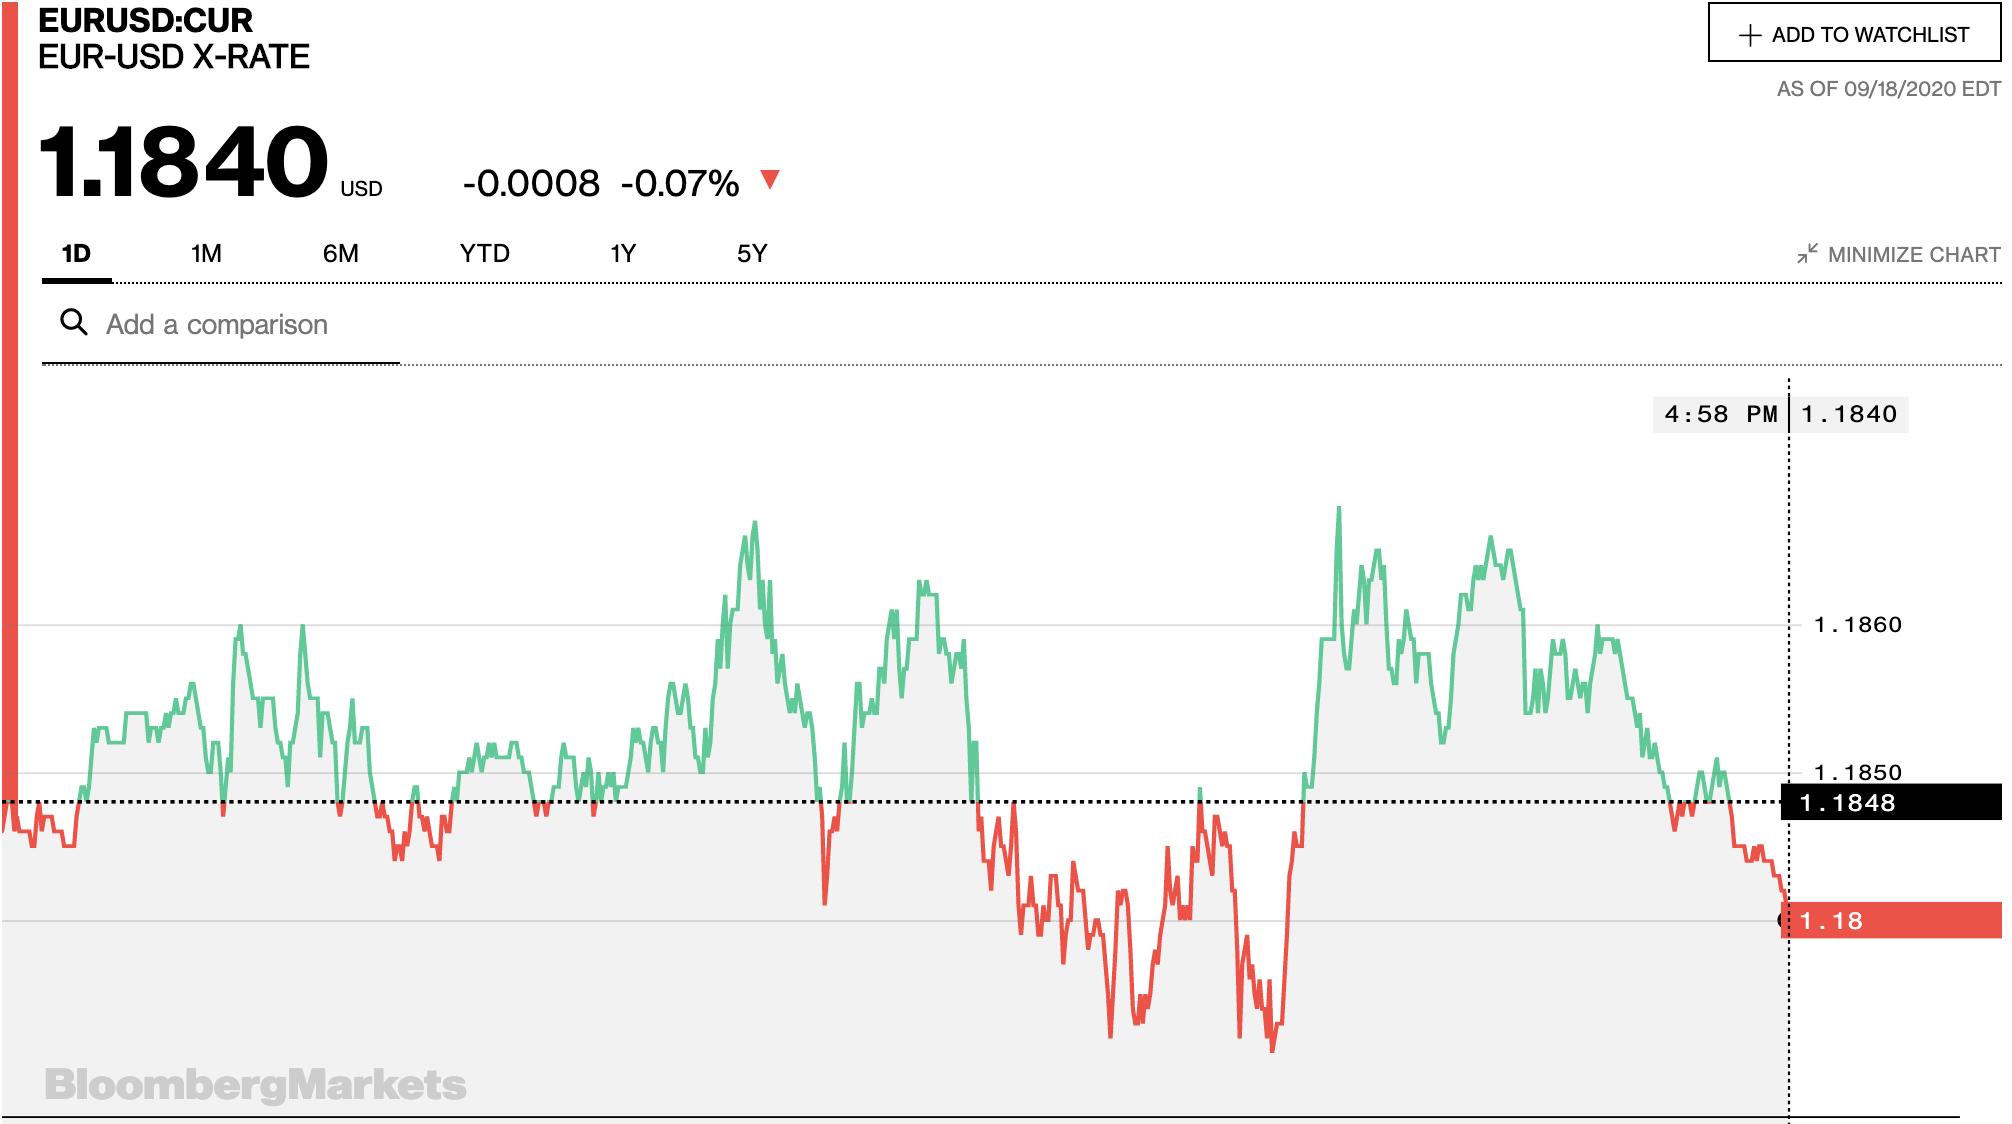 Tỷ giá euro hôm nay 19/9: Xu hướng giảm chiếm ưu thế tại các ngân hàng ngày cuối tuần - Ảnh 2.